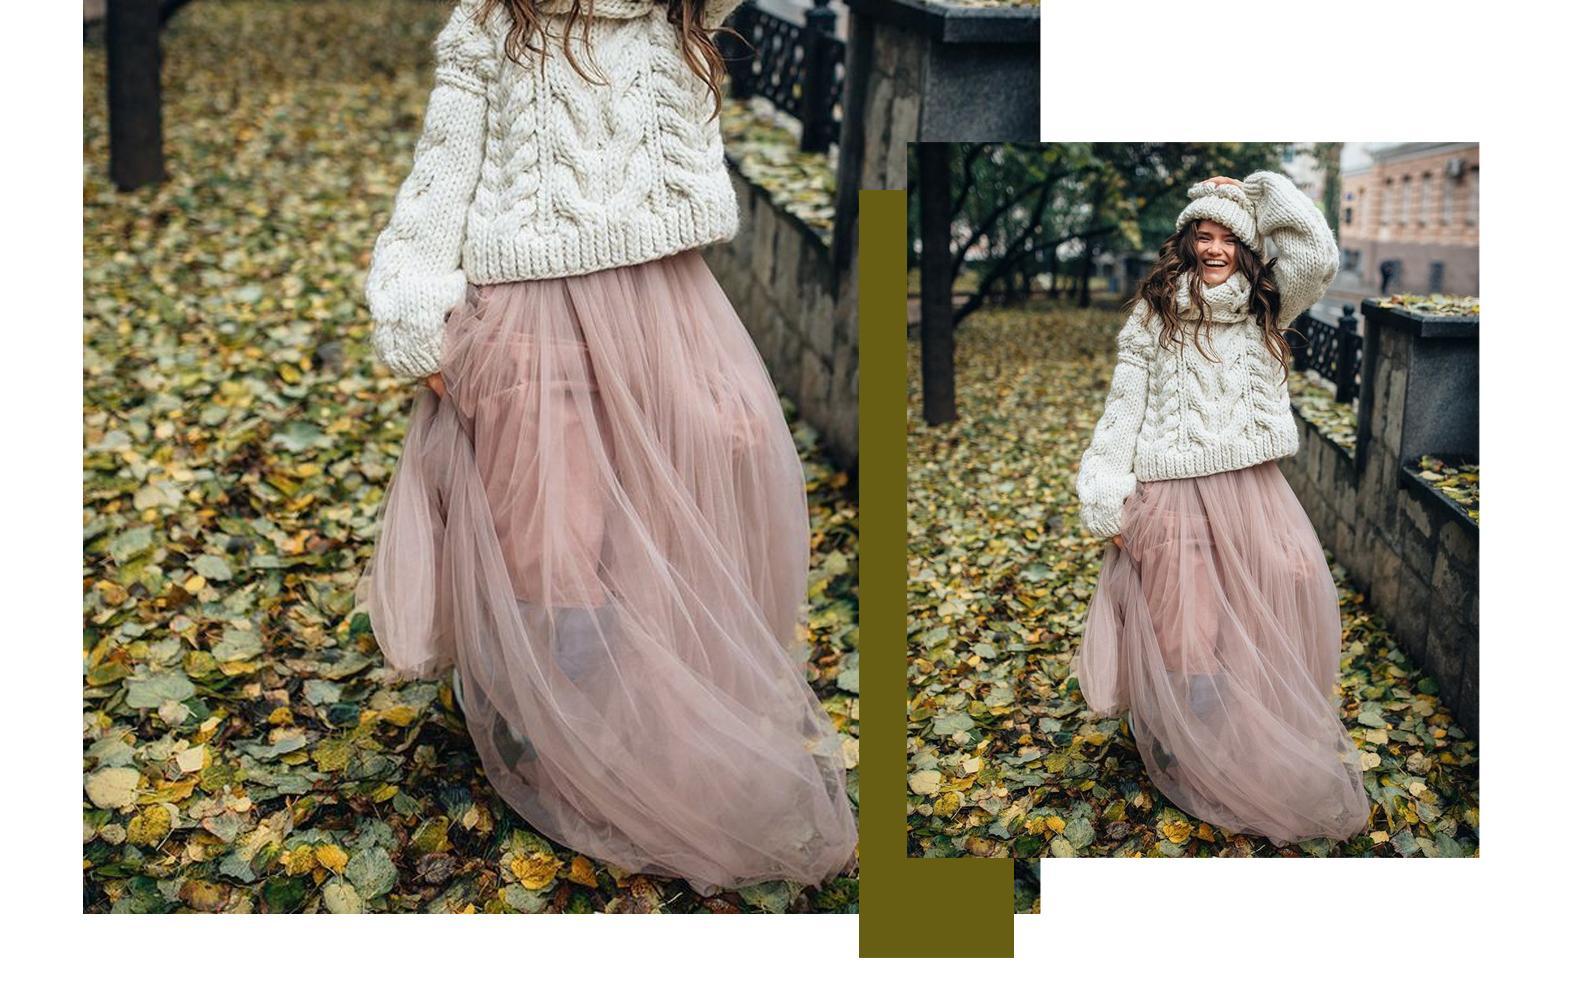 Мода на улице, когда минус или как оставаться стильной даже в холодные дни